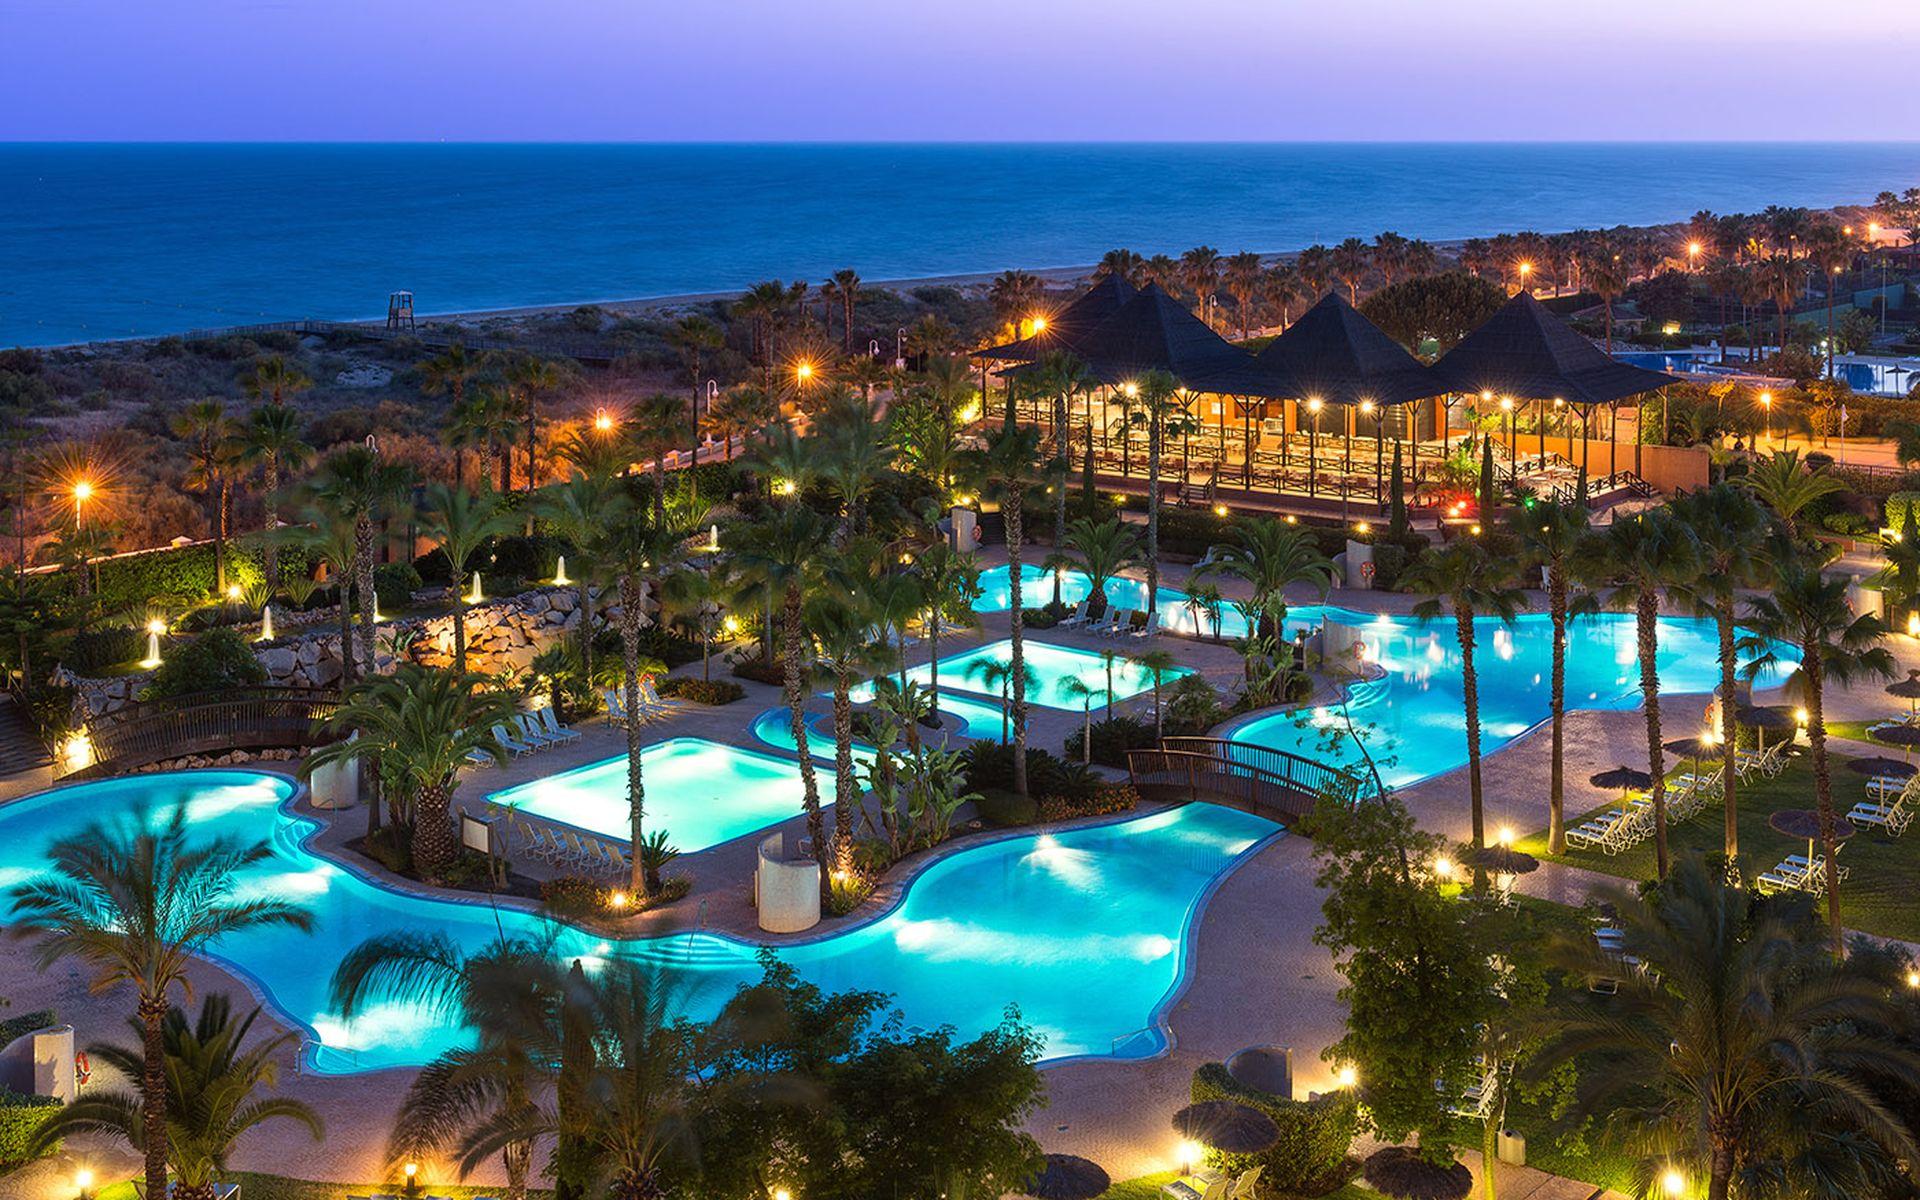 Hotel puerto antilla grand en islantilla costa de la luz huelva desde 41 - Puerto antilla grand hotel ...